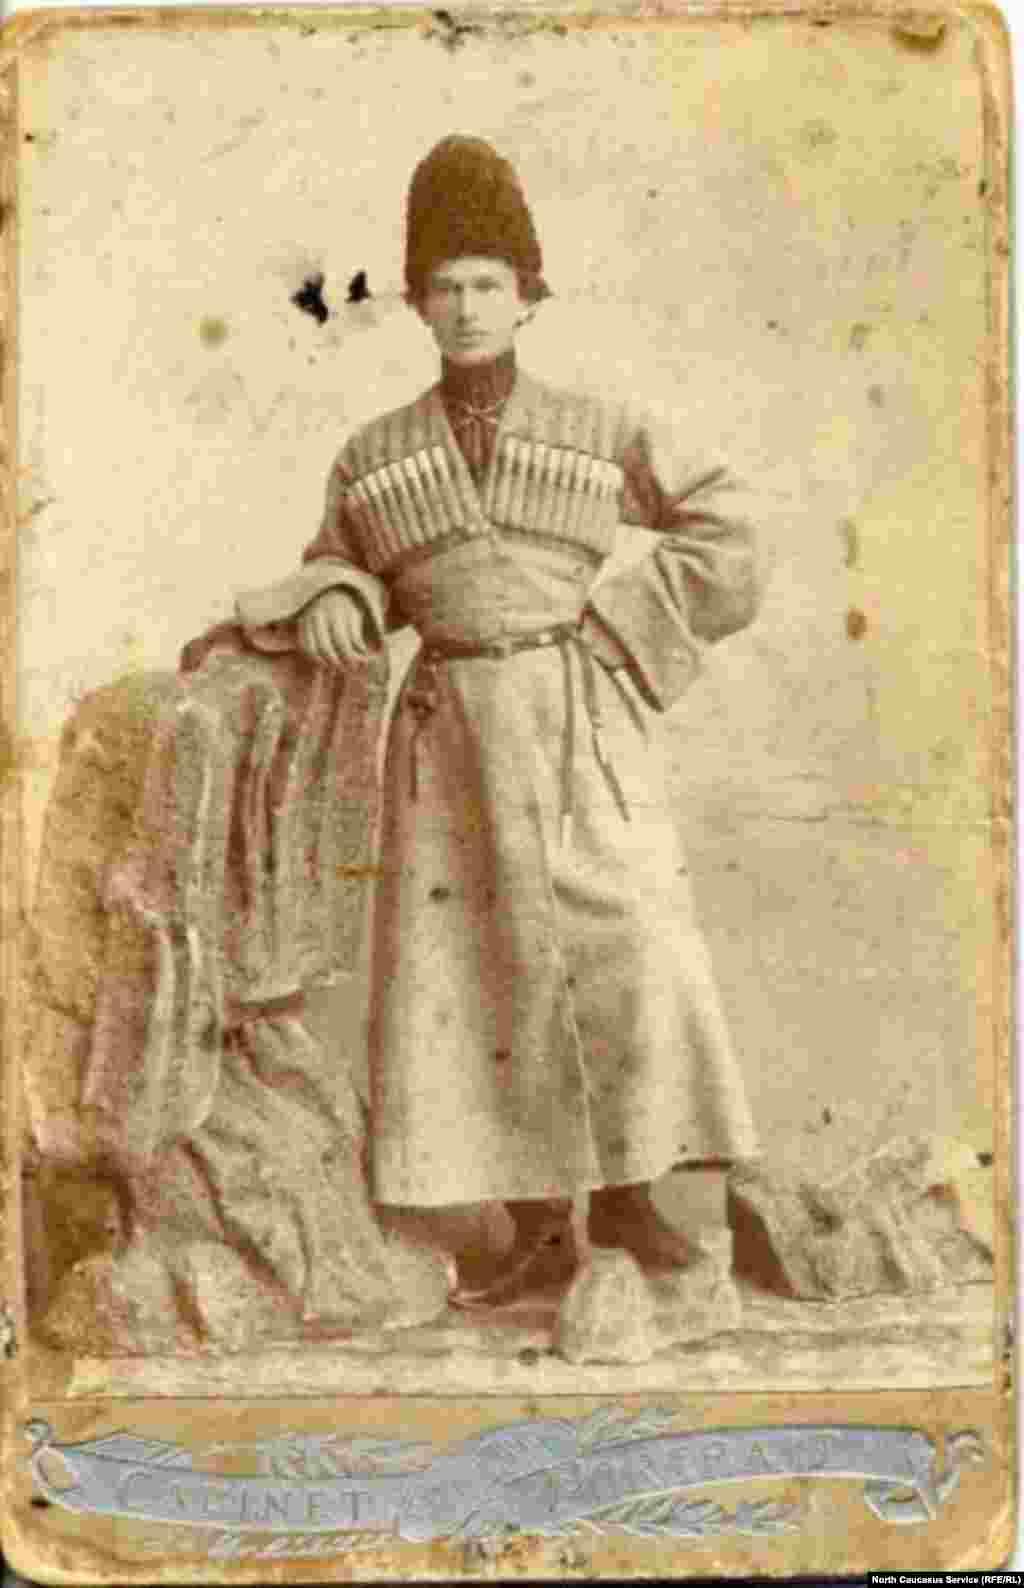 Черкеска подчеркивала стан носителя, заставляя его держать себя в форме.